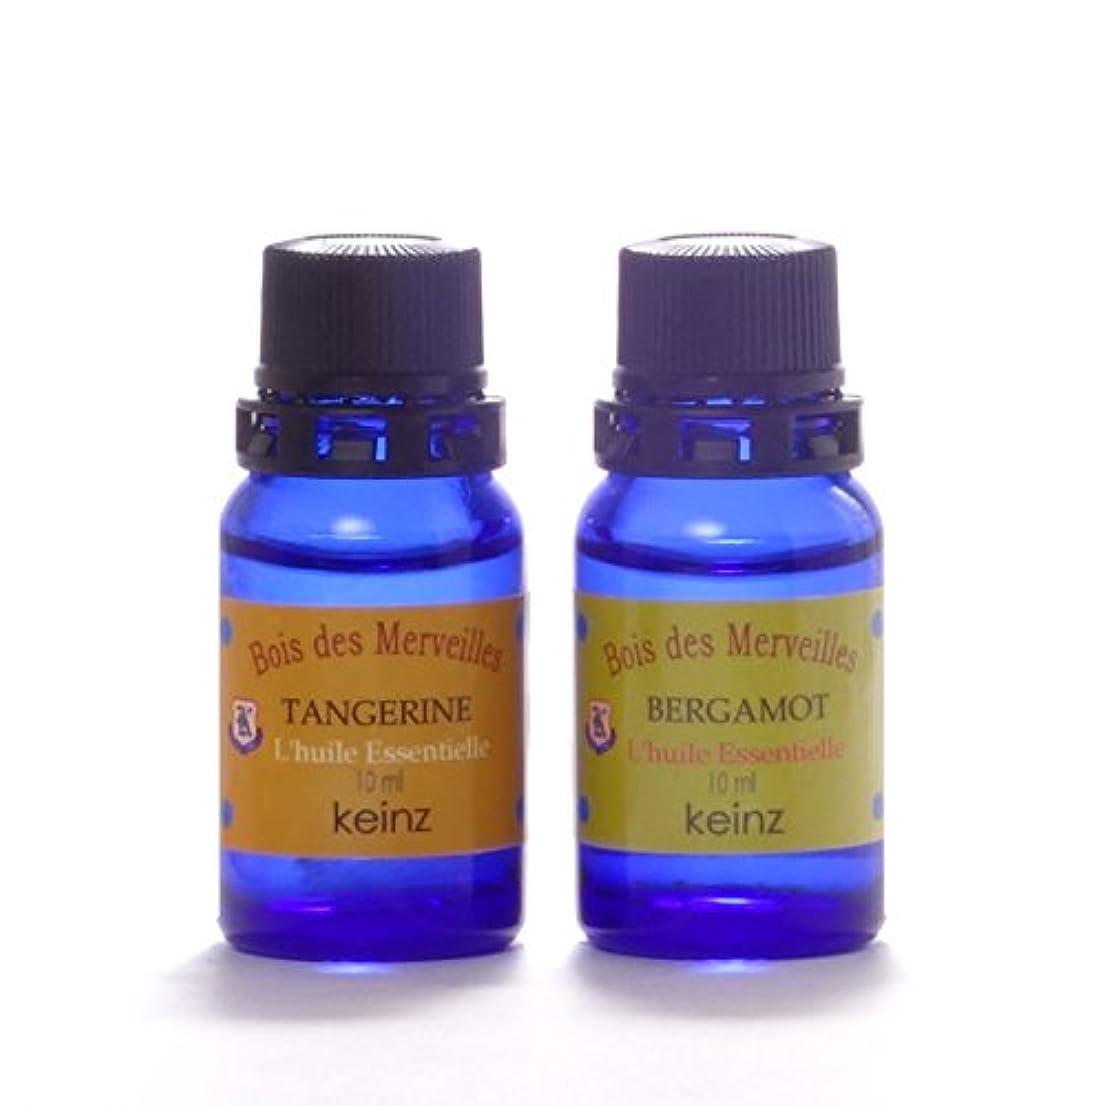 統合六惨めなkeinzエッセンシャルオイル「タンジェリン10ml&ベルガモット10ml」2種1セット ケインズ正規品 製造国アメリカ 水蒸気蒸留法による100%無添加精油 人工香料は使っていません。